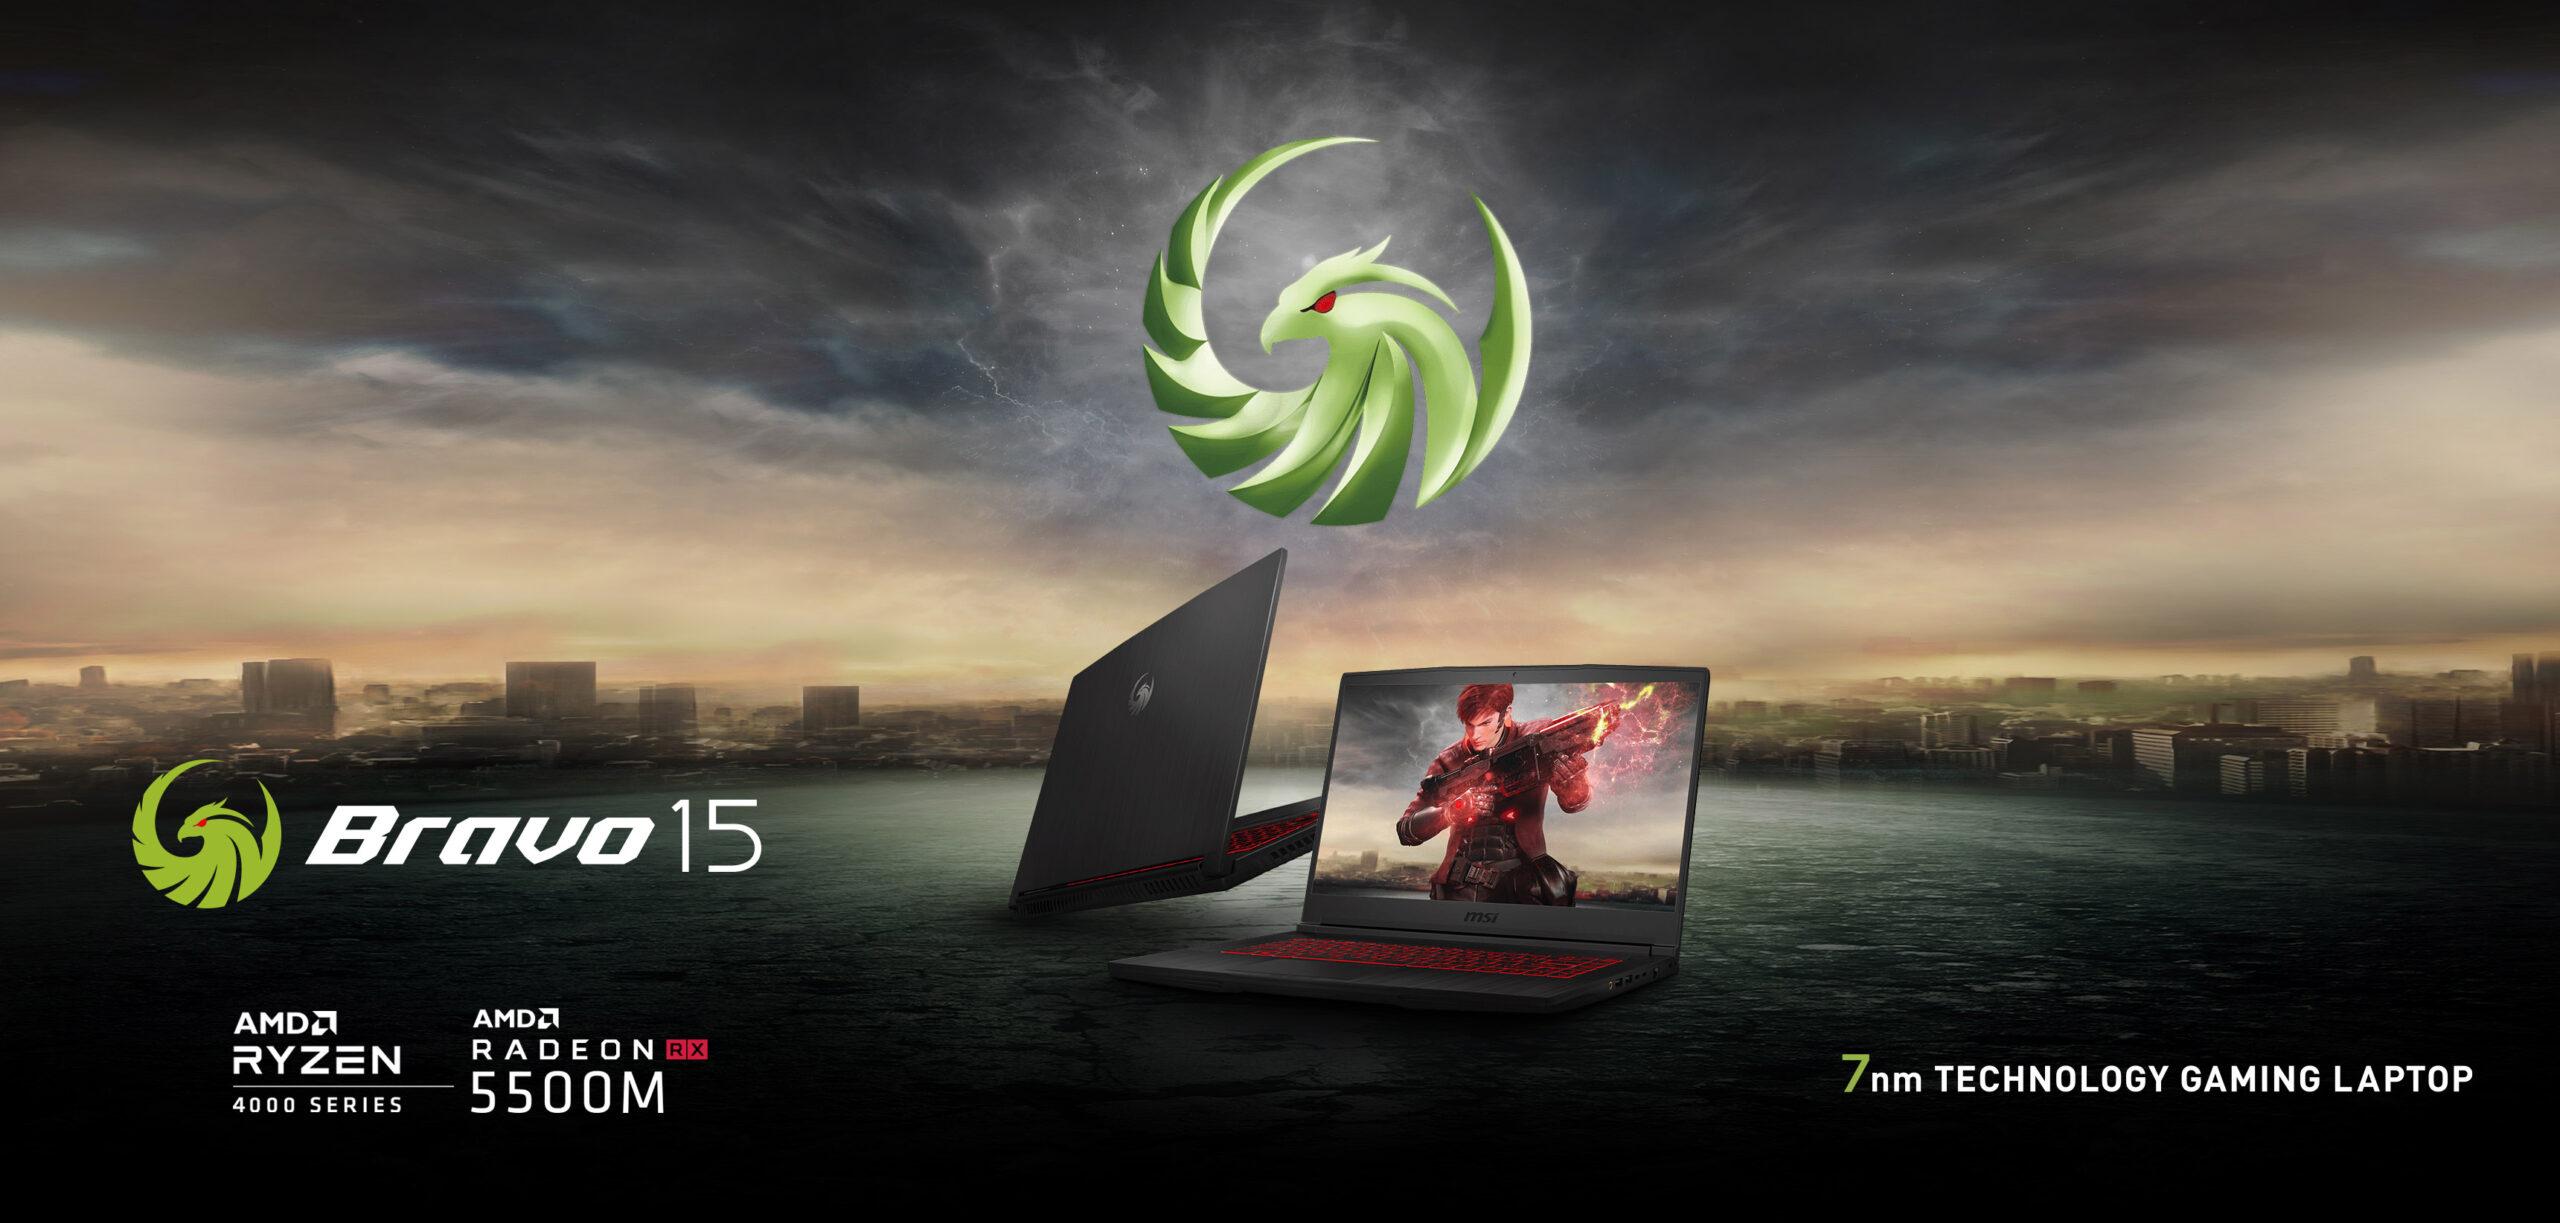 MSI Bravo 15: laptop gaming fullset AMD Ryzen 5 4600H, Radeon 5300M, giá 20,5 triệu - GVN360